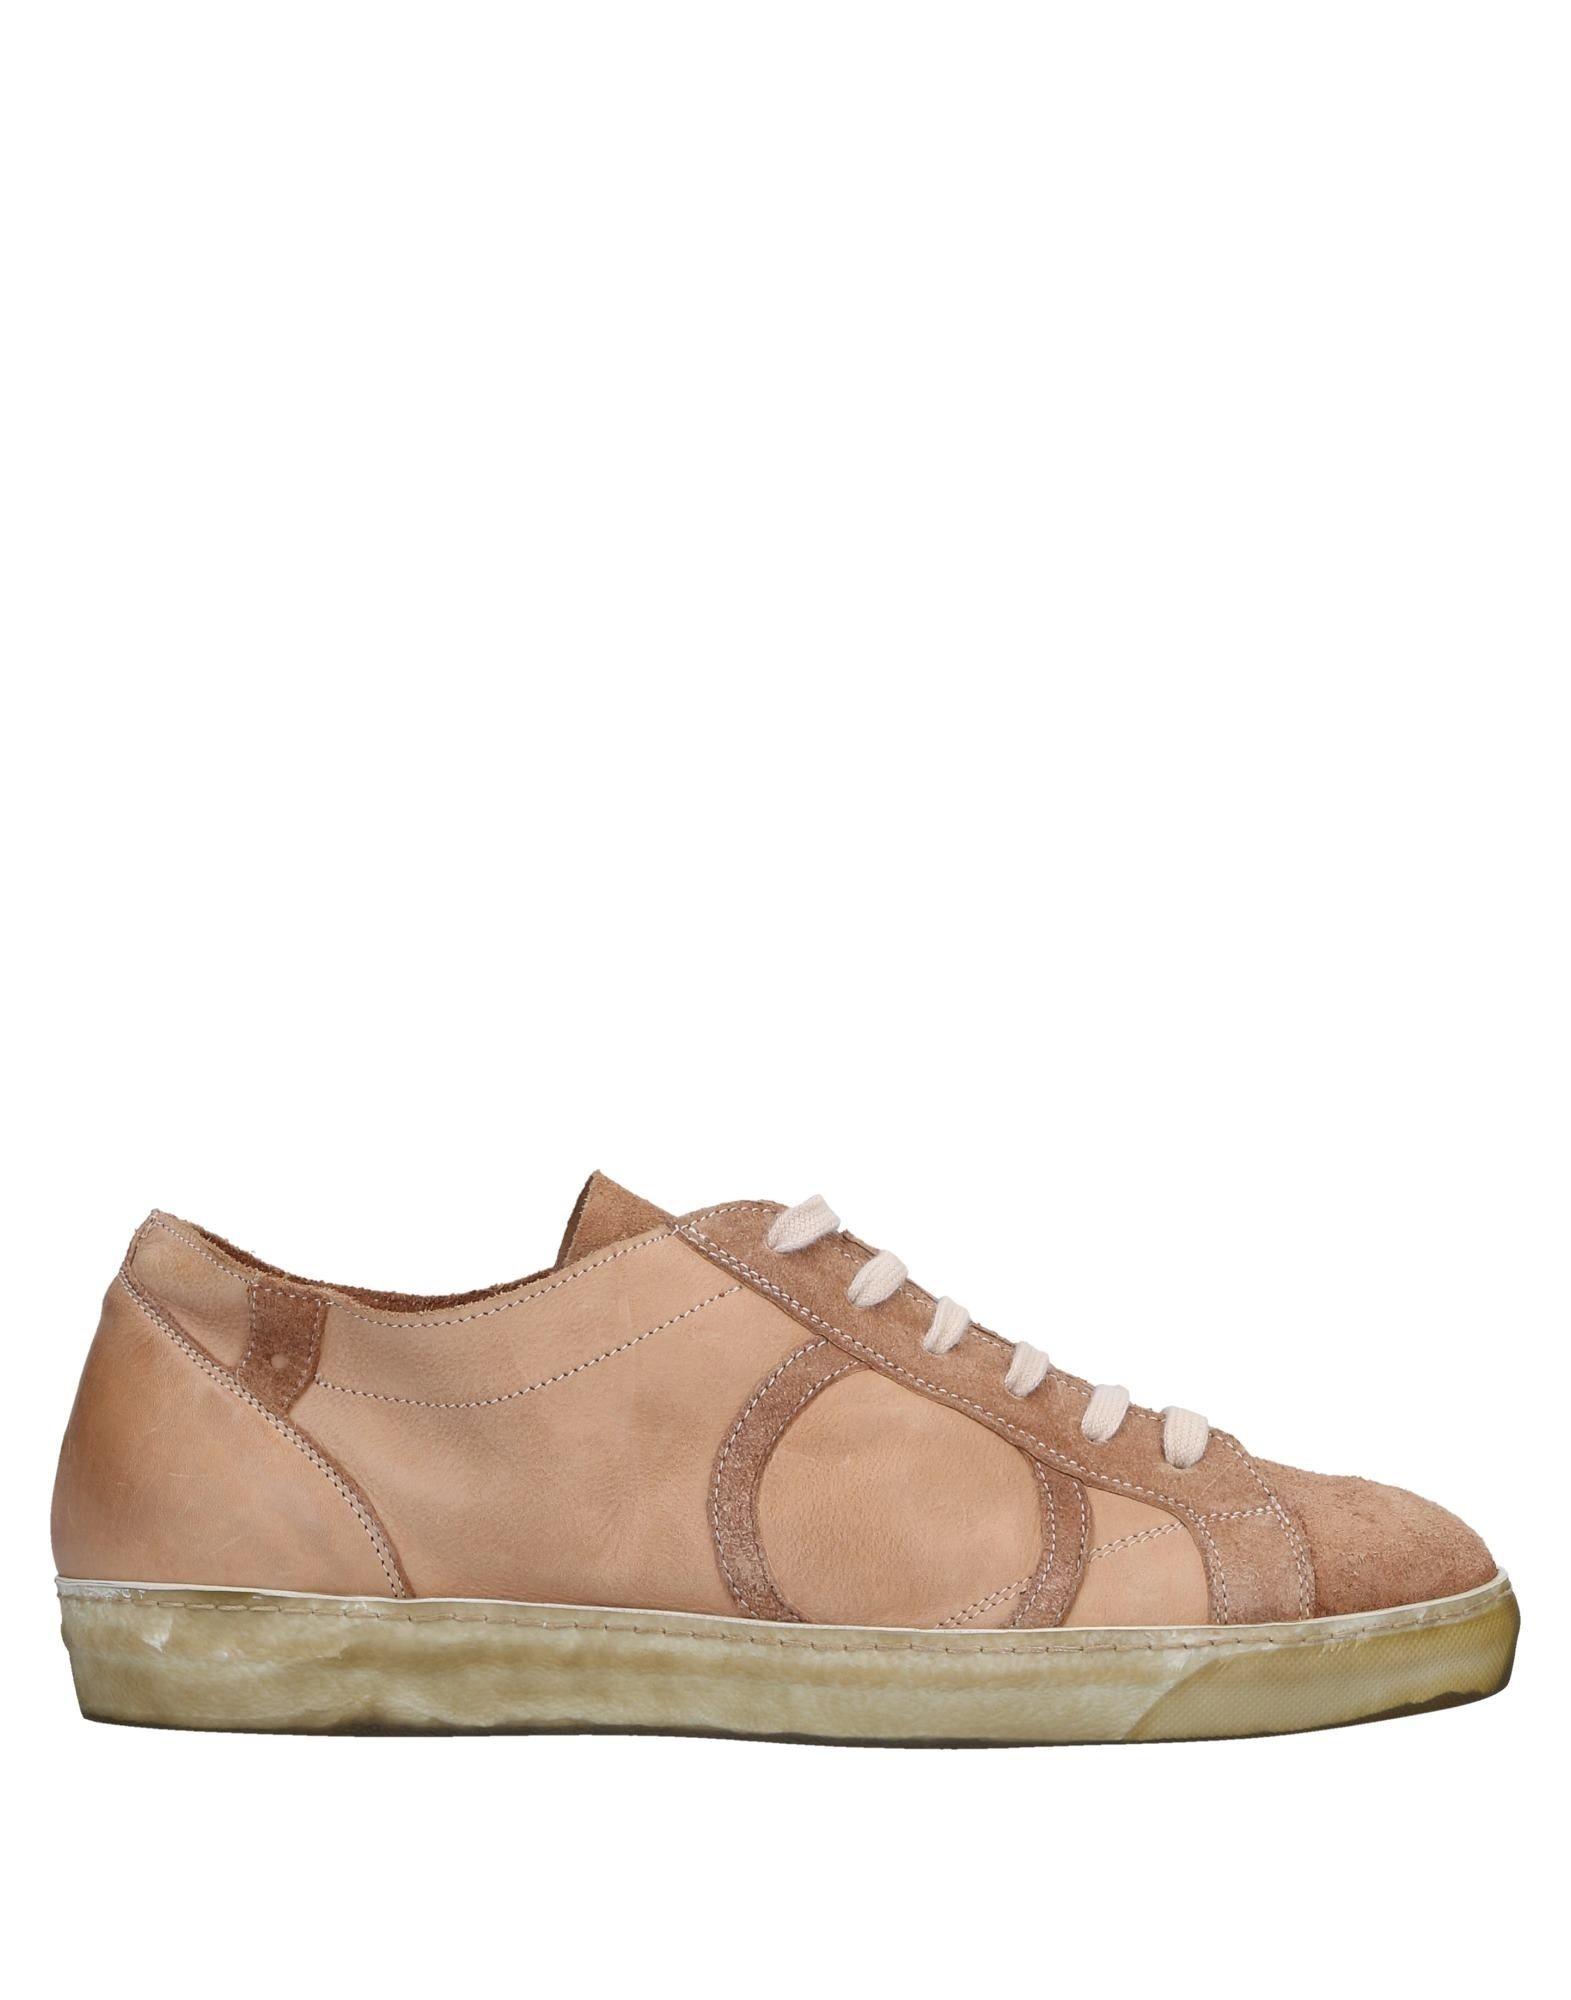 Rabatt echte Schuhe Herren Playhat Sneakers Herren Schuhe  11534641CL 94e30a